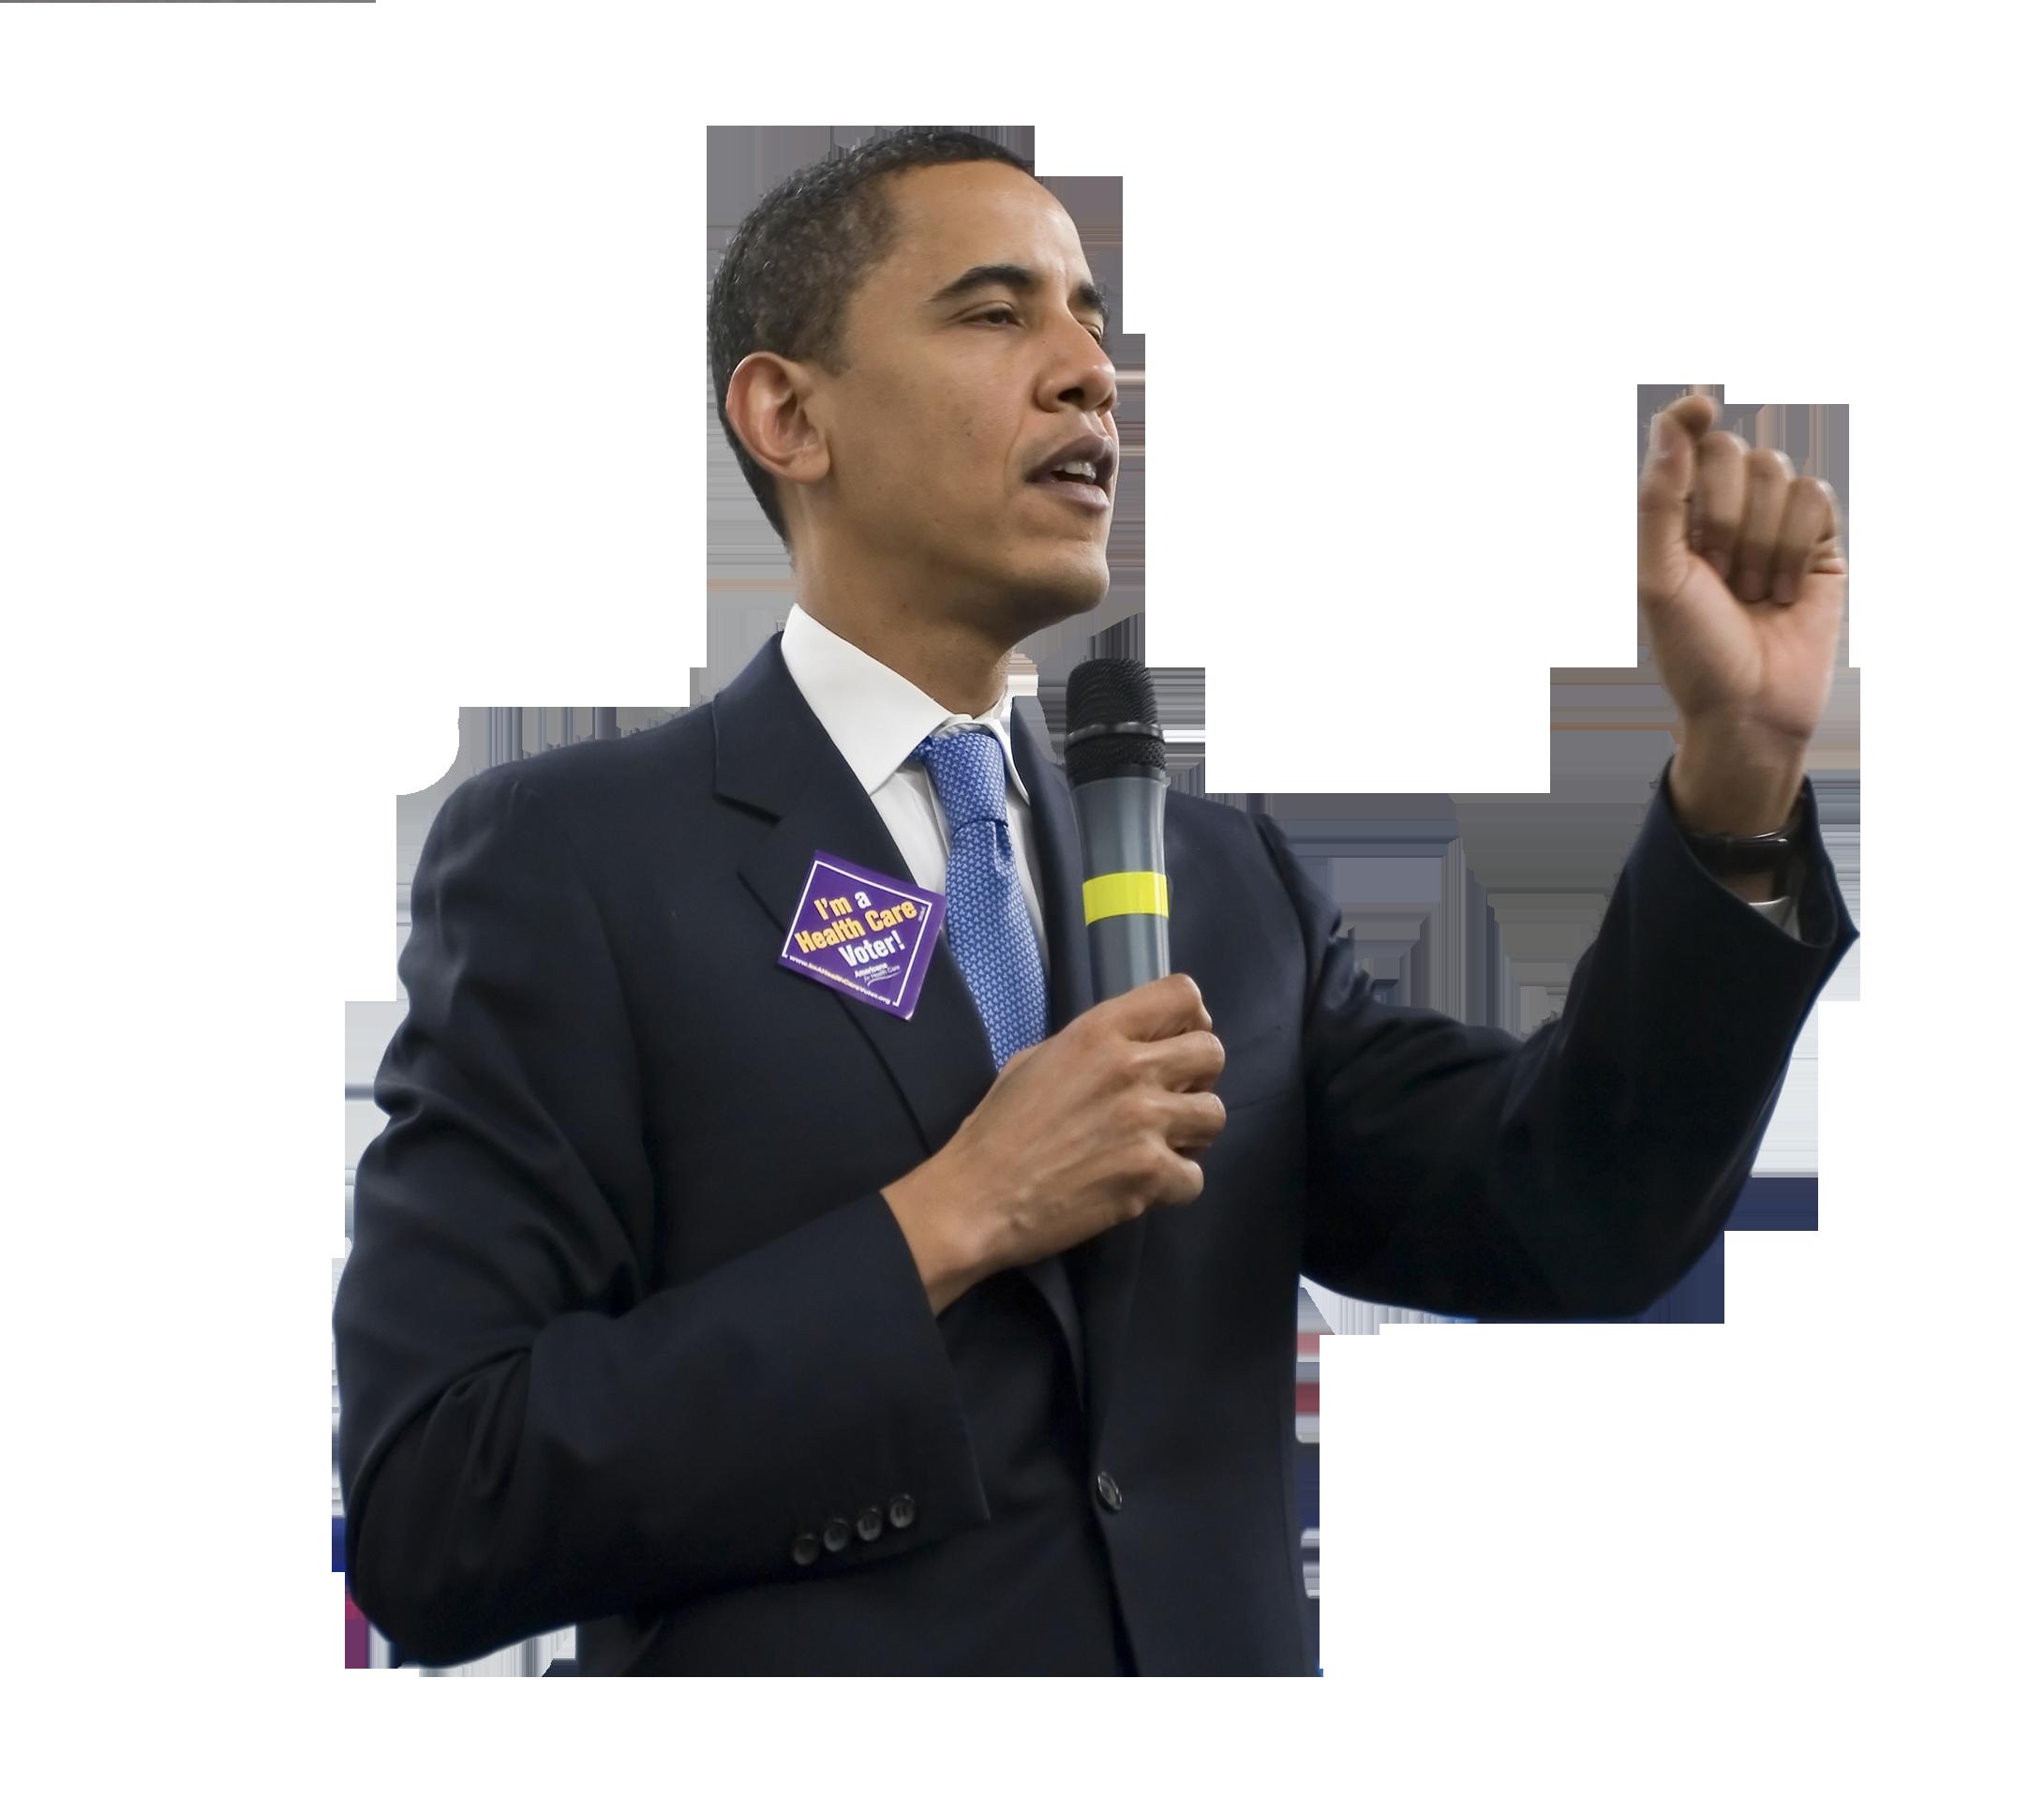 Barack Obama PNG Image.